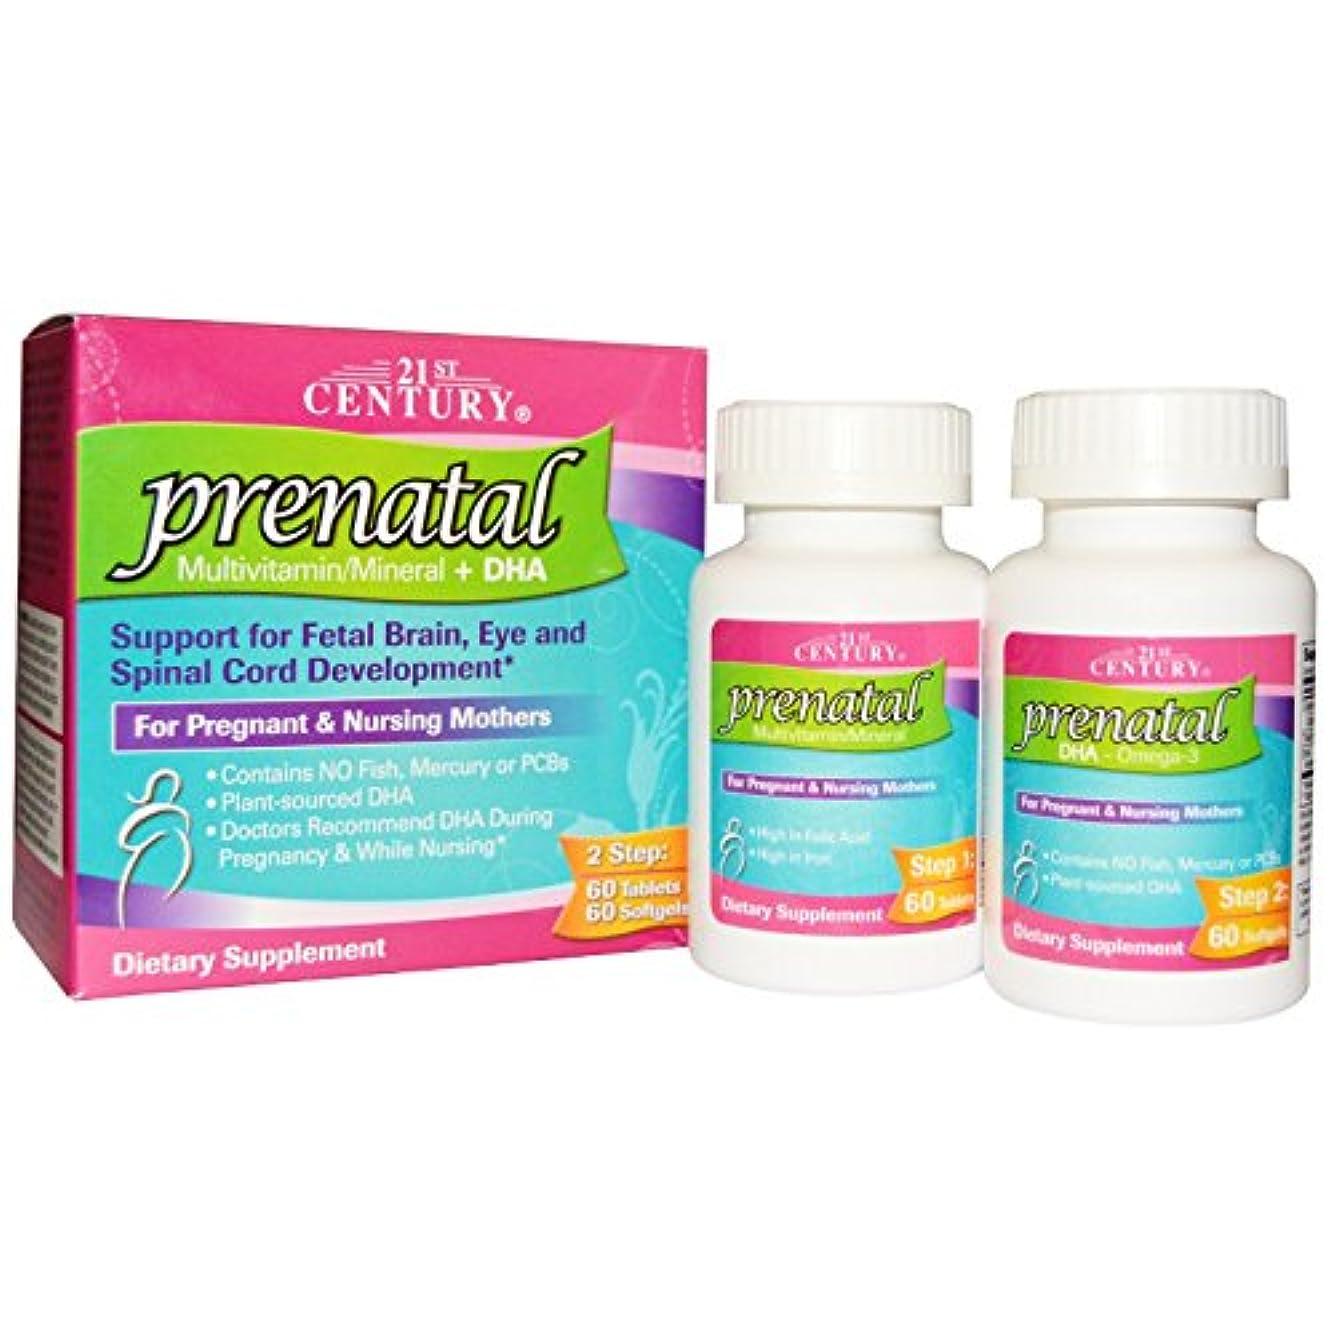 ソロ気質スリル妊婦用 DHA、錠剤およびソフトジェル、120カウントの出生前のビタミン   Prenatal with DHA, Tablets and Softgels, 120-Count